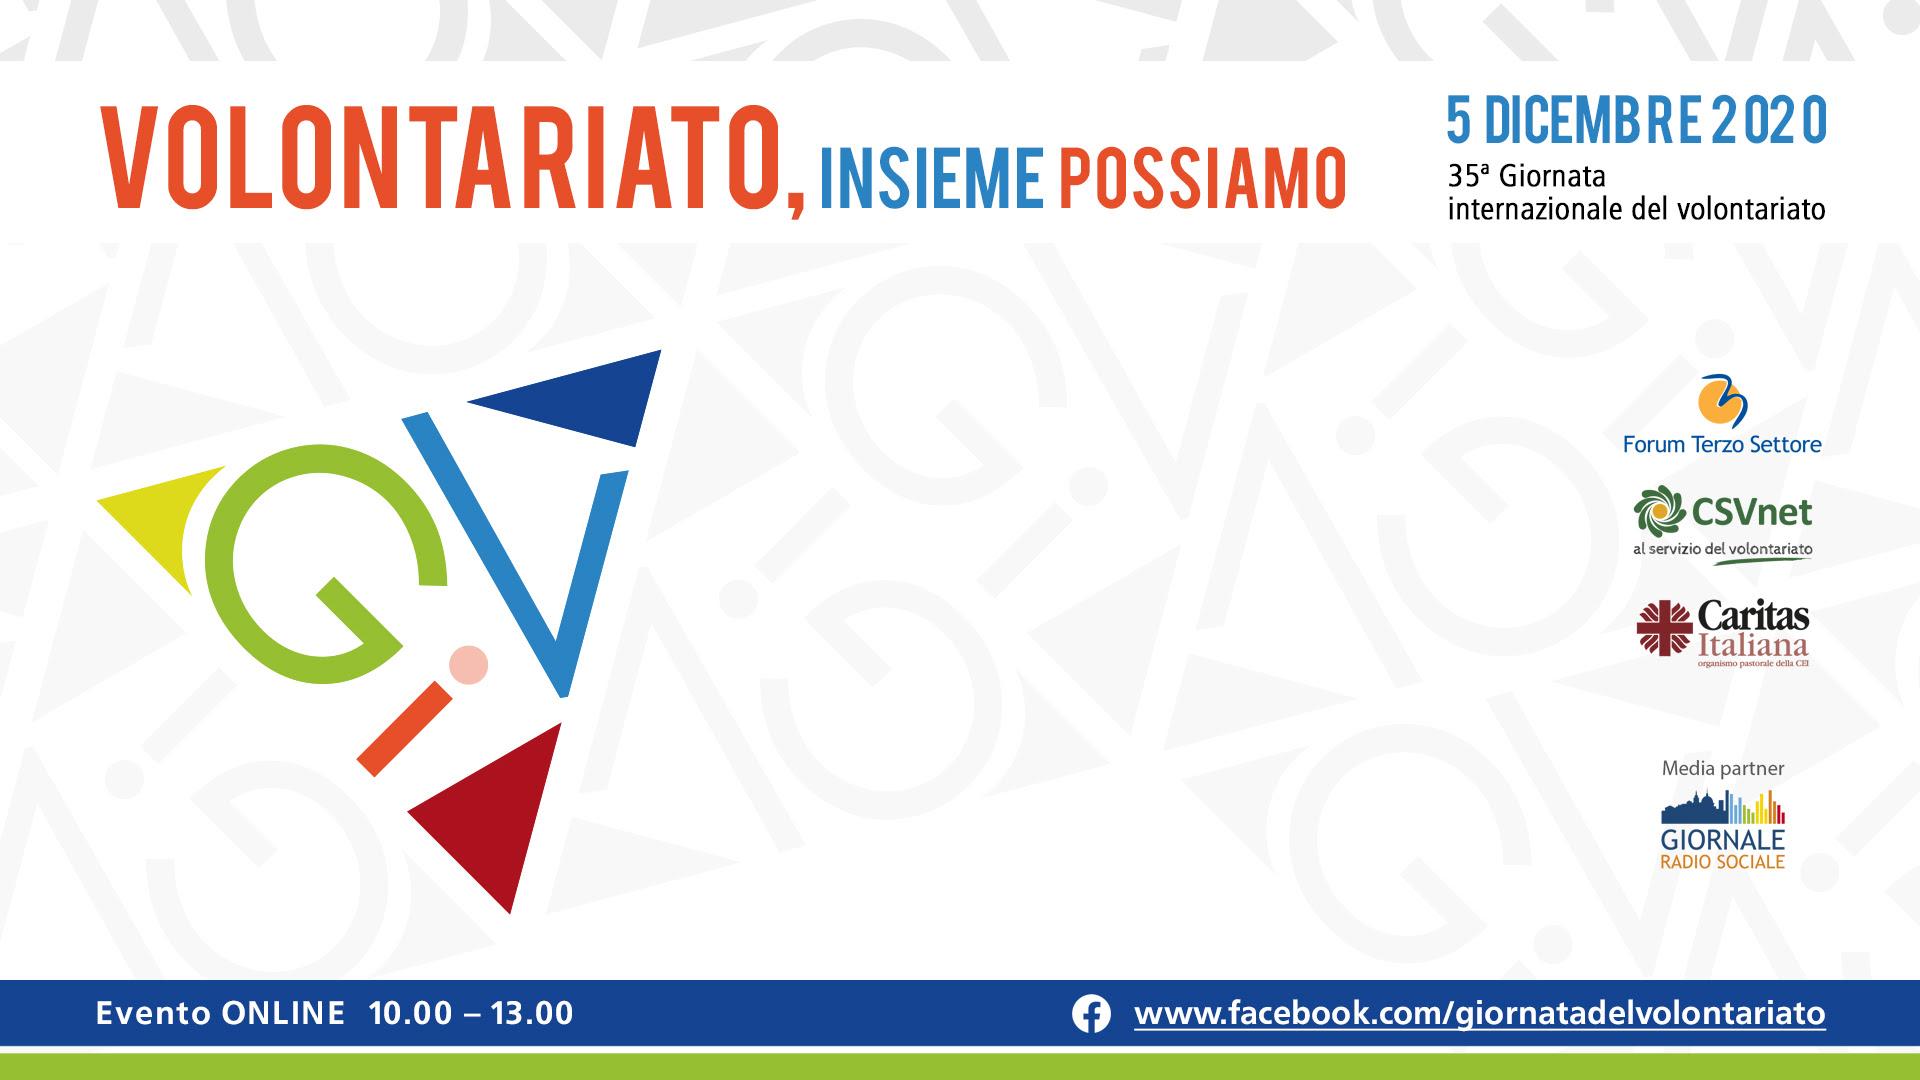 35^ Giornata internazionale del volontariato